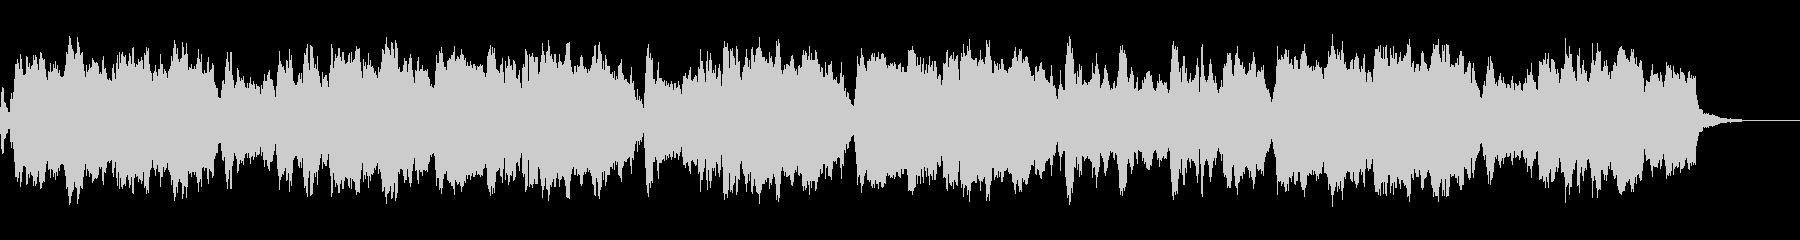 ハリウッド「短くて壮大」オーケストラdの未再生の波形